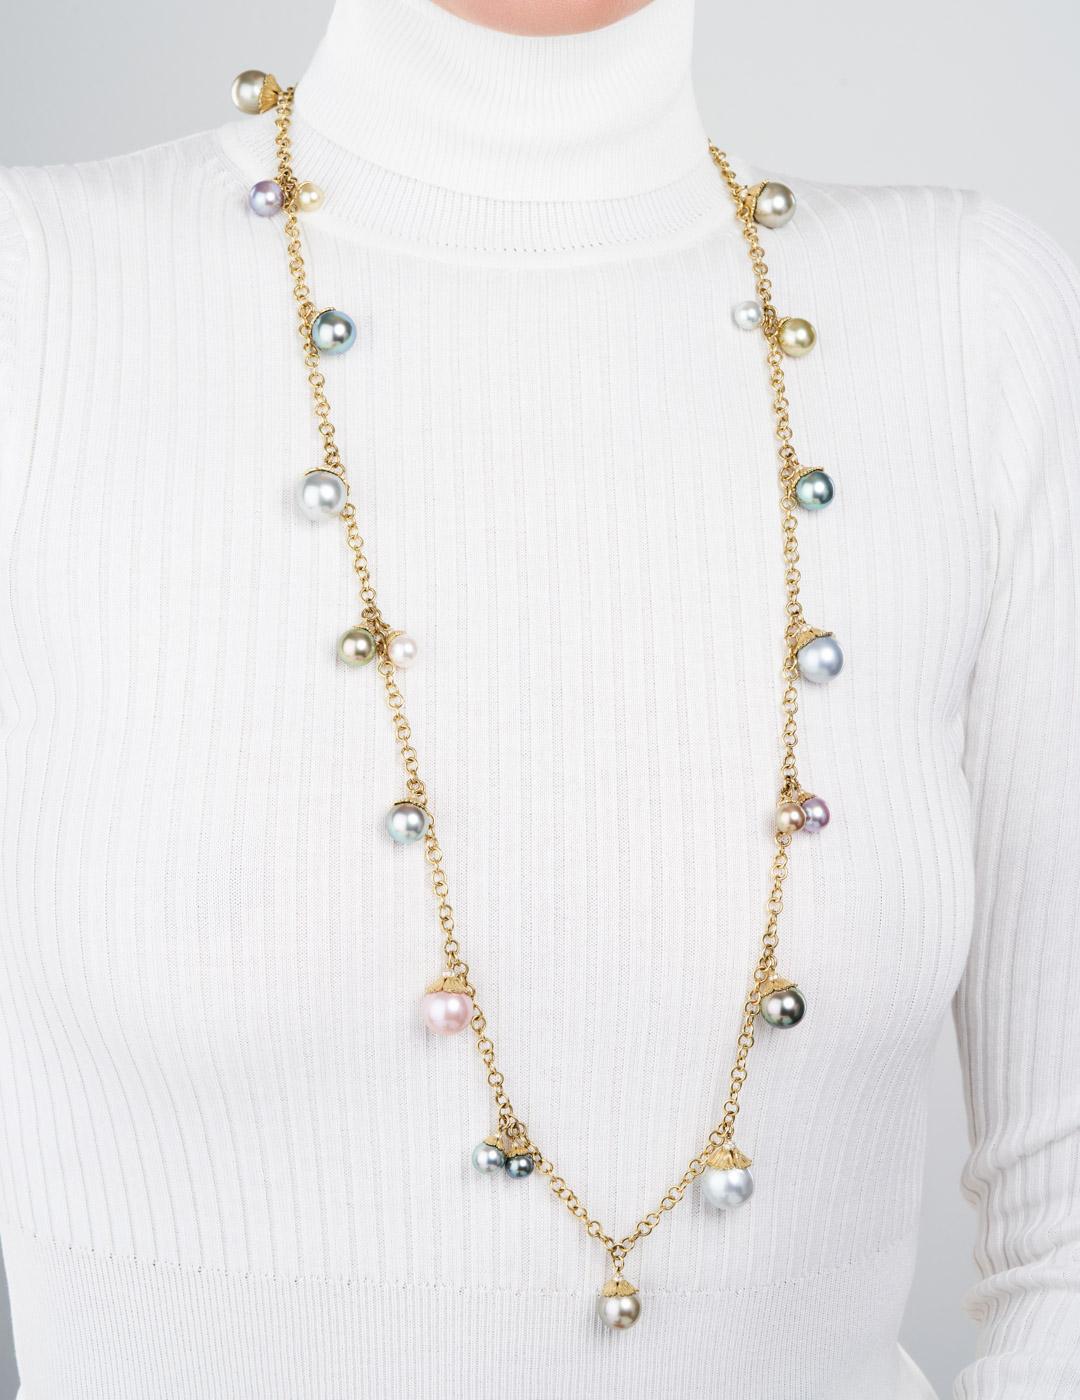 mish_necklaces_StrawbryFlwr-Pearl-Chrm-NK-2